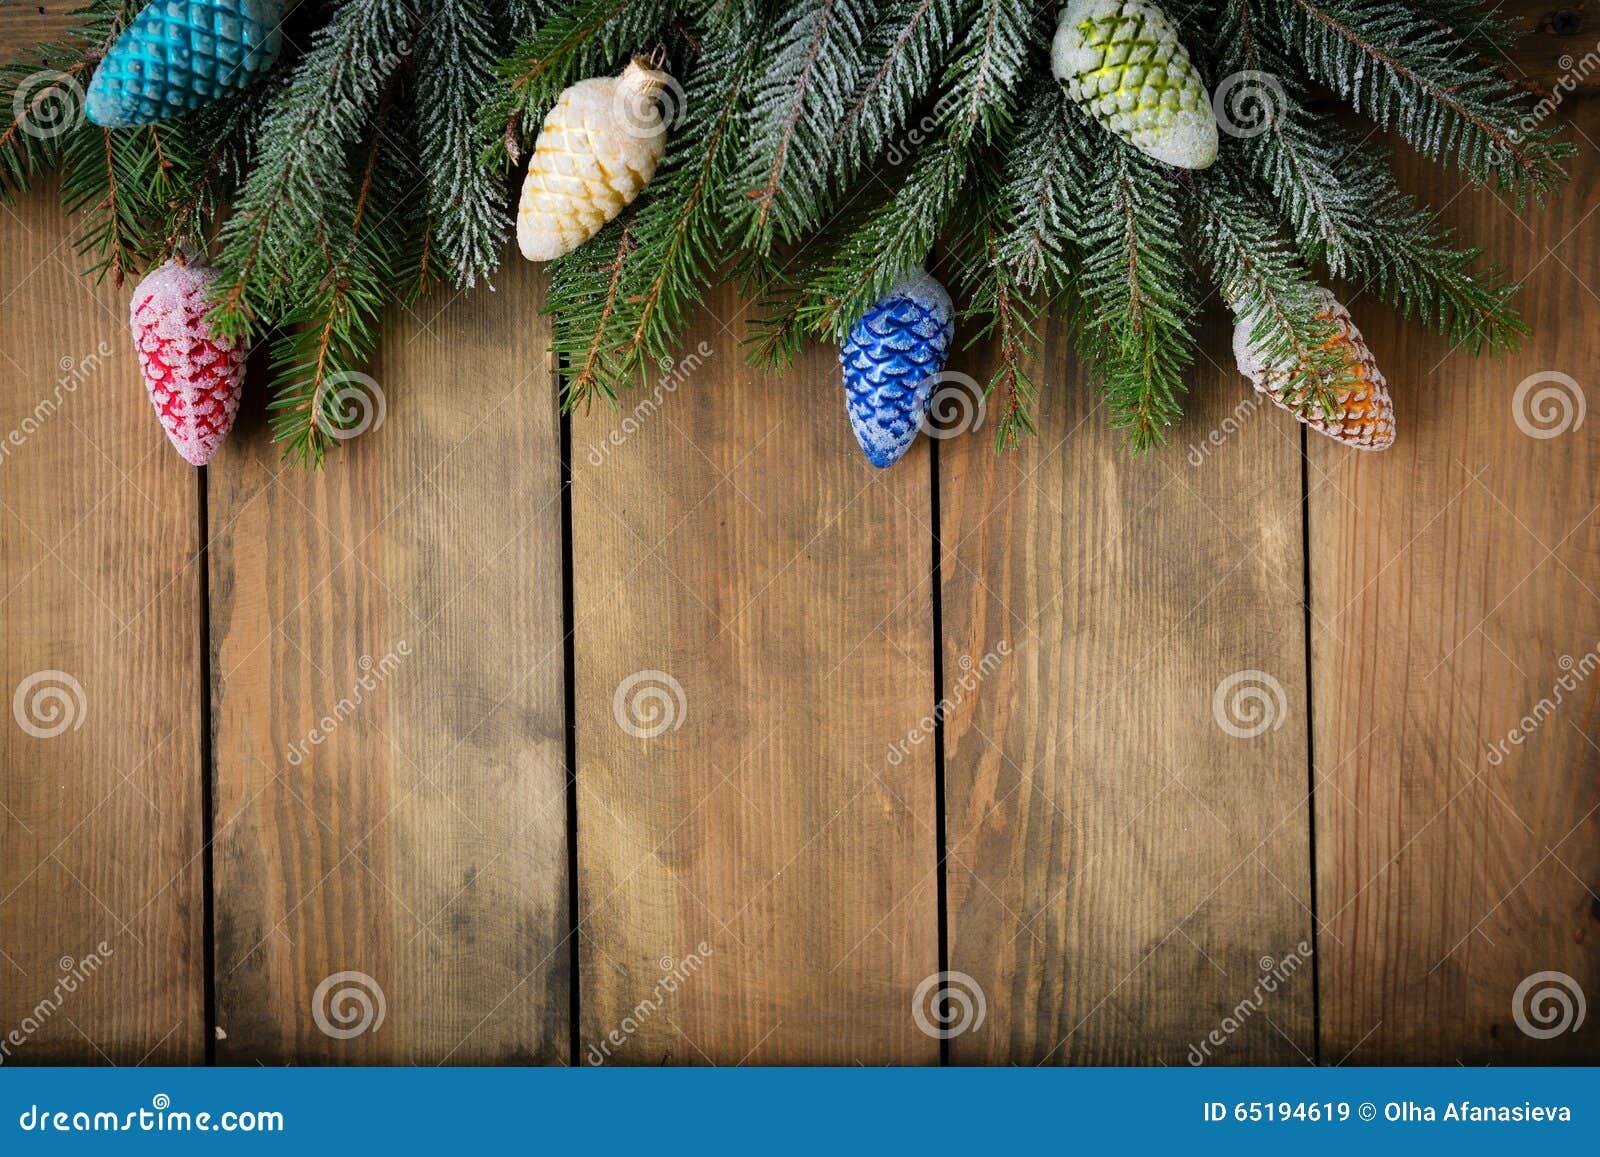 Weihnachten Rustikal Mit Dekorationshintergrund Stockbild - Bild von ...